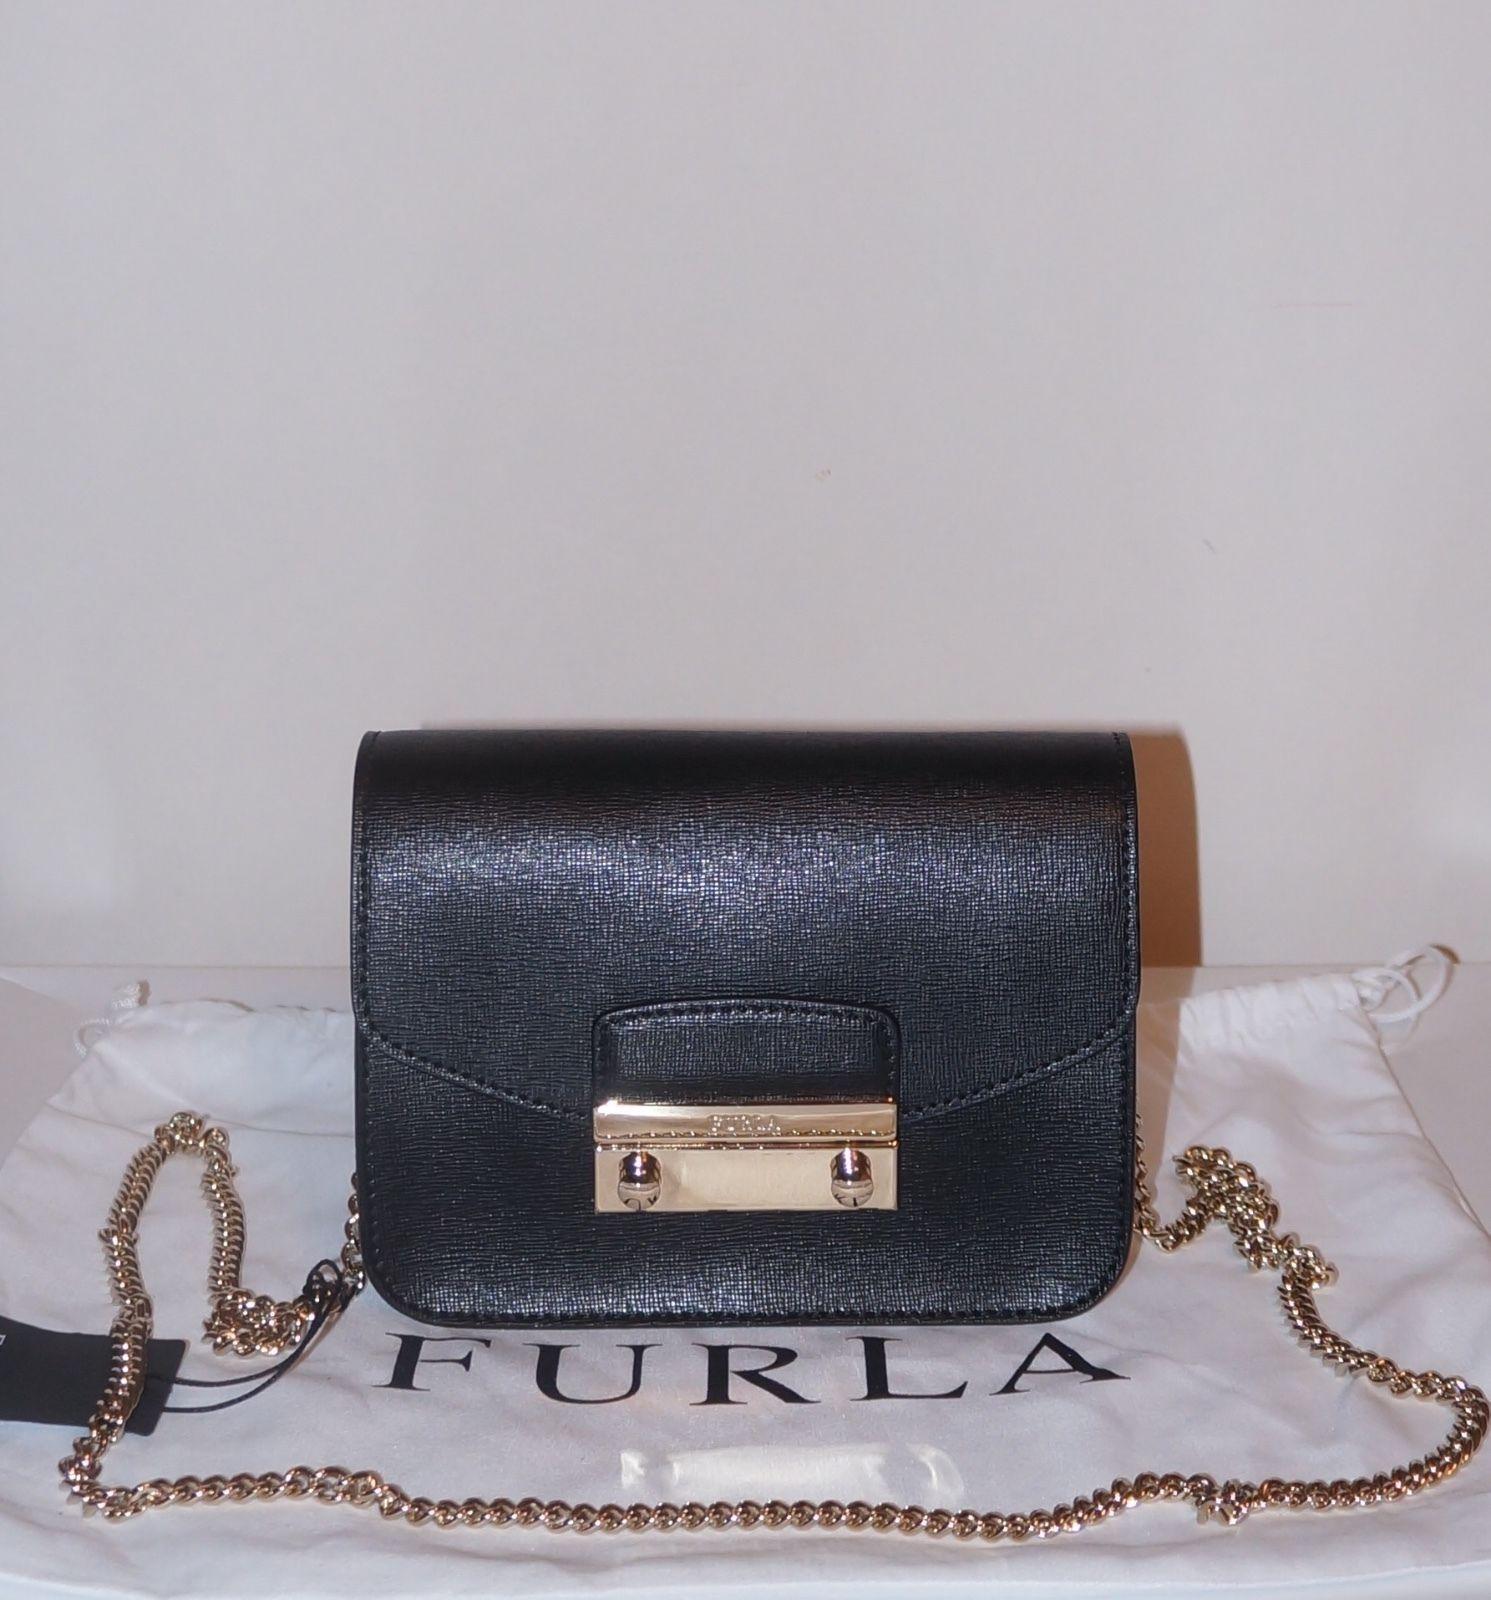 d308259e91 Nwt Furla Saffiano Leather Julia Mini and 50 similar items. S l1600